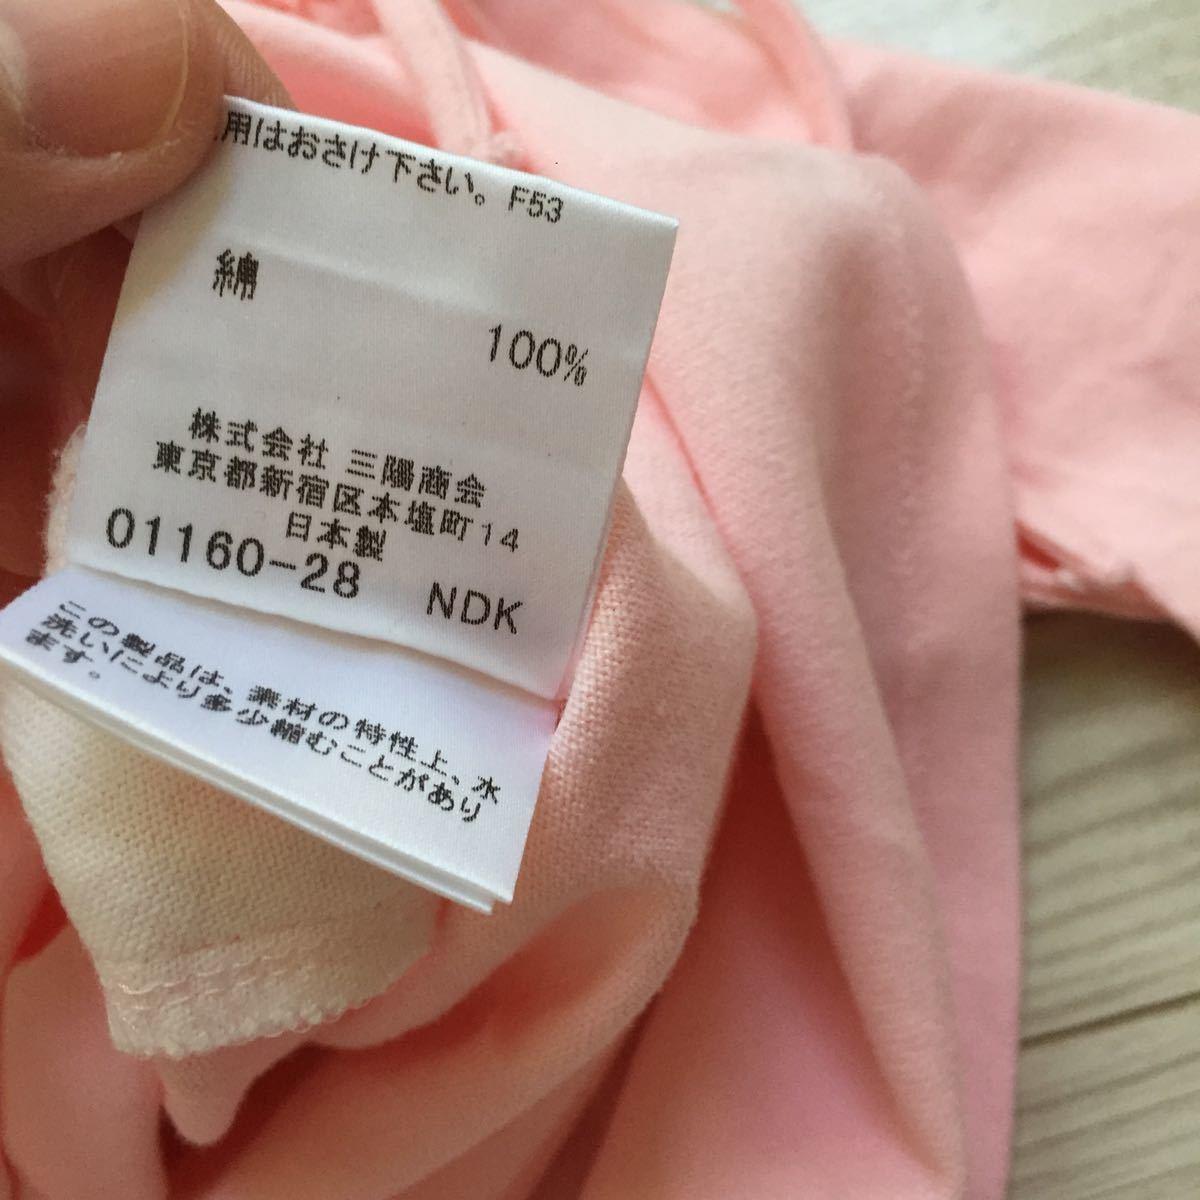 未使用 未着 BURBERRY LONDON バーバリー 綿100 ホース刺繍付き 可愛い長袖Tシャツ サイズ160A オフ白×ピンク 日本製 三陽商会_画像5